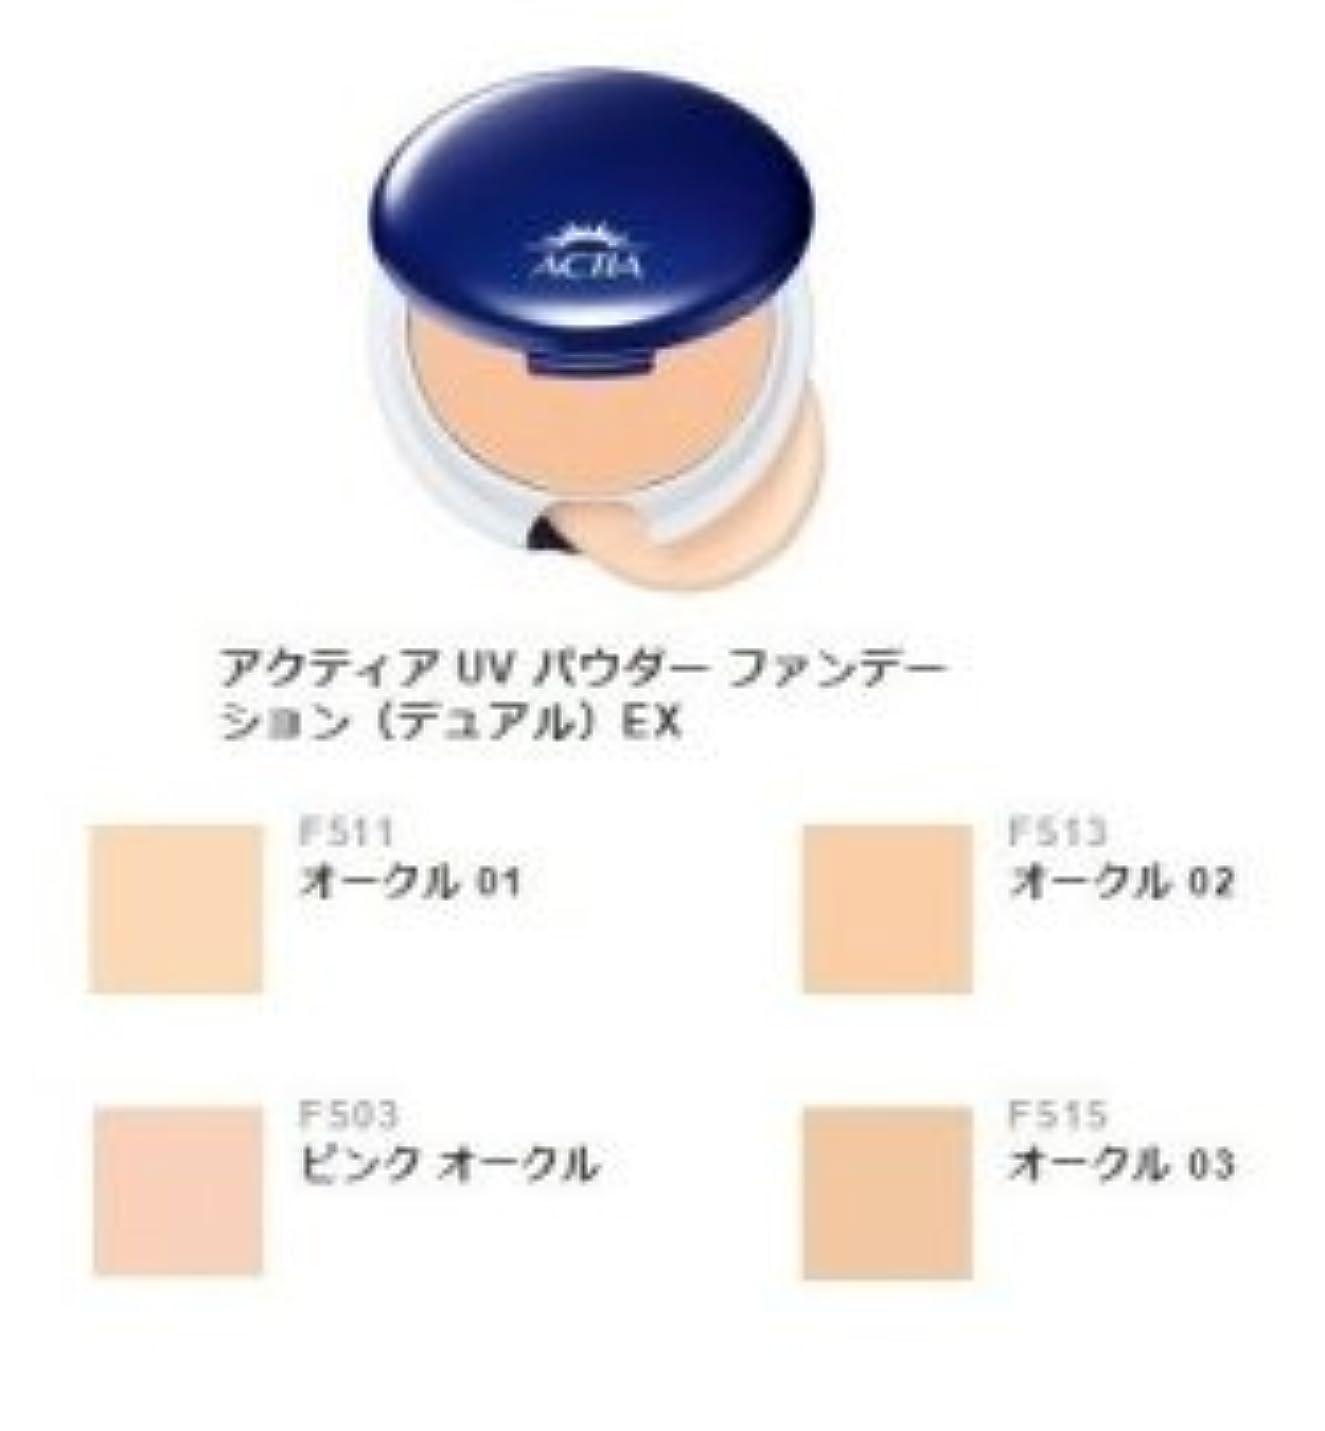 ミリメーター拷問深さエイボン(AVON) アクティア UV パウダーファンデーション(デュアル)EX(リフィル) F503 ピンクオークル